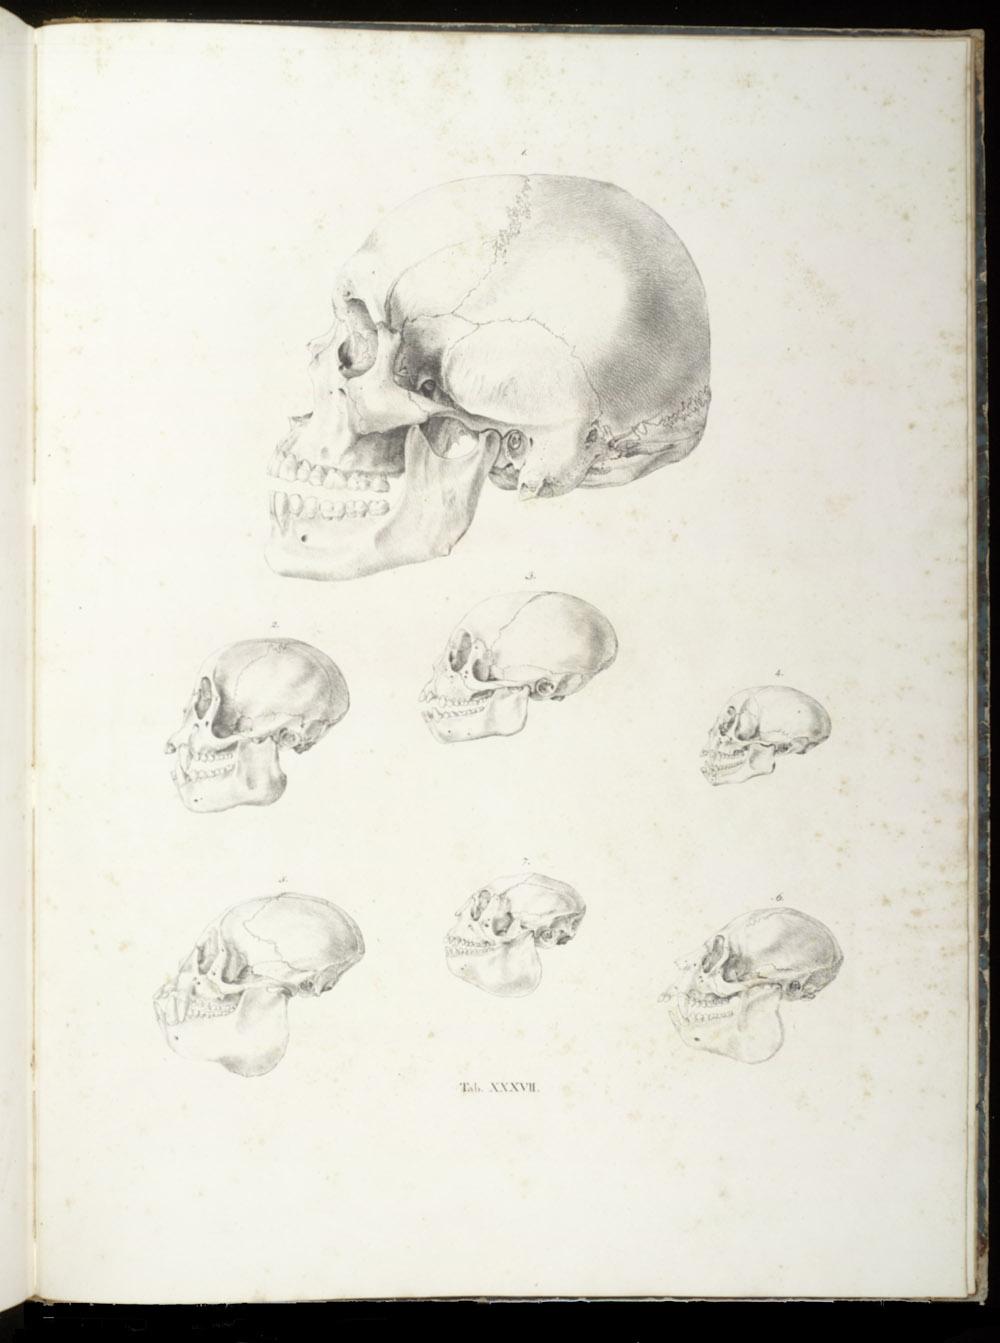 Tab. XXXVII: Monkey skulls,  Image number:SIL6-2-165a